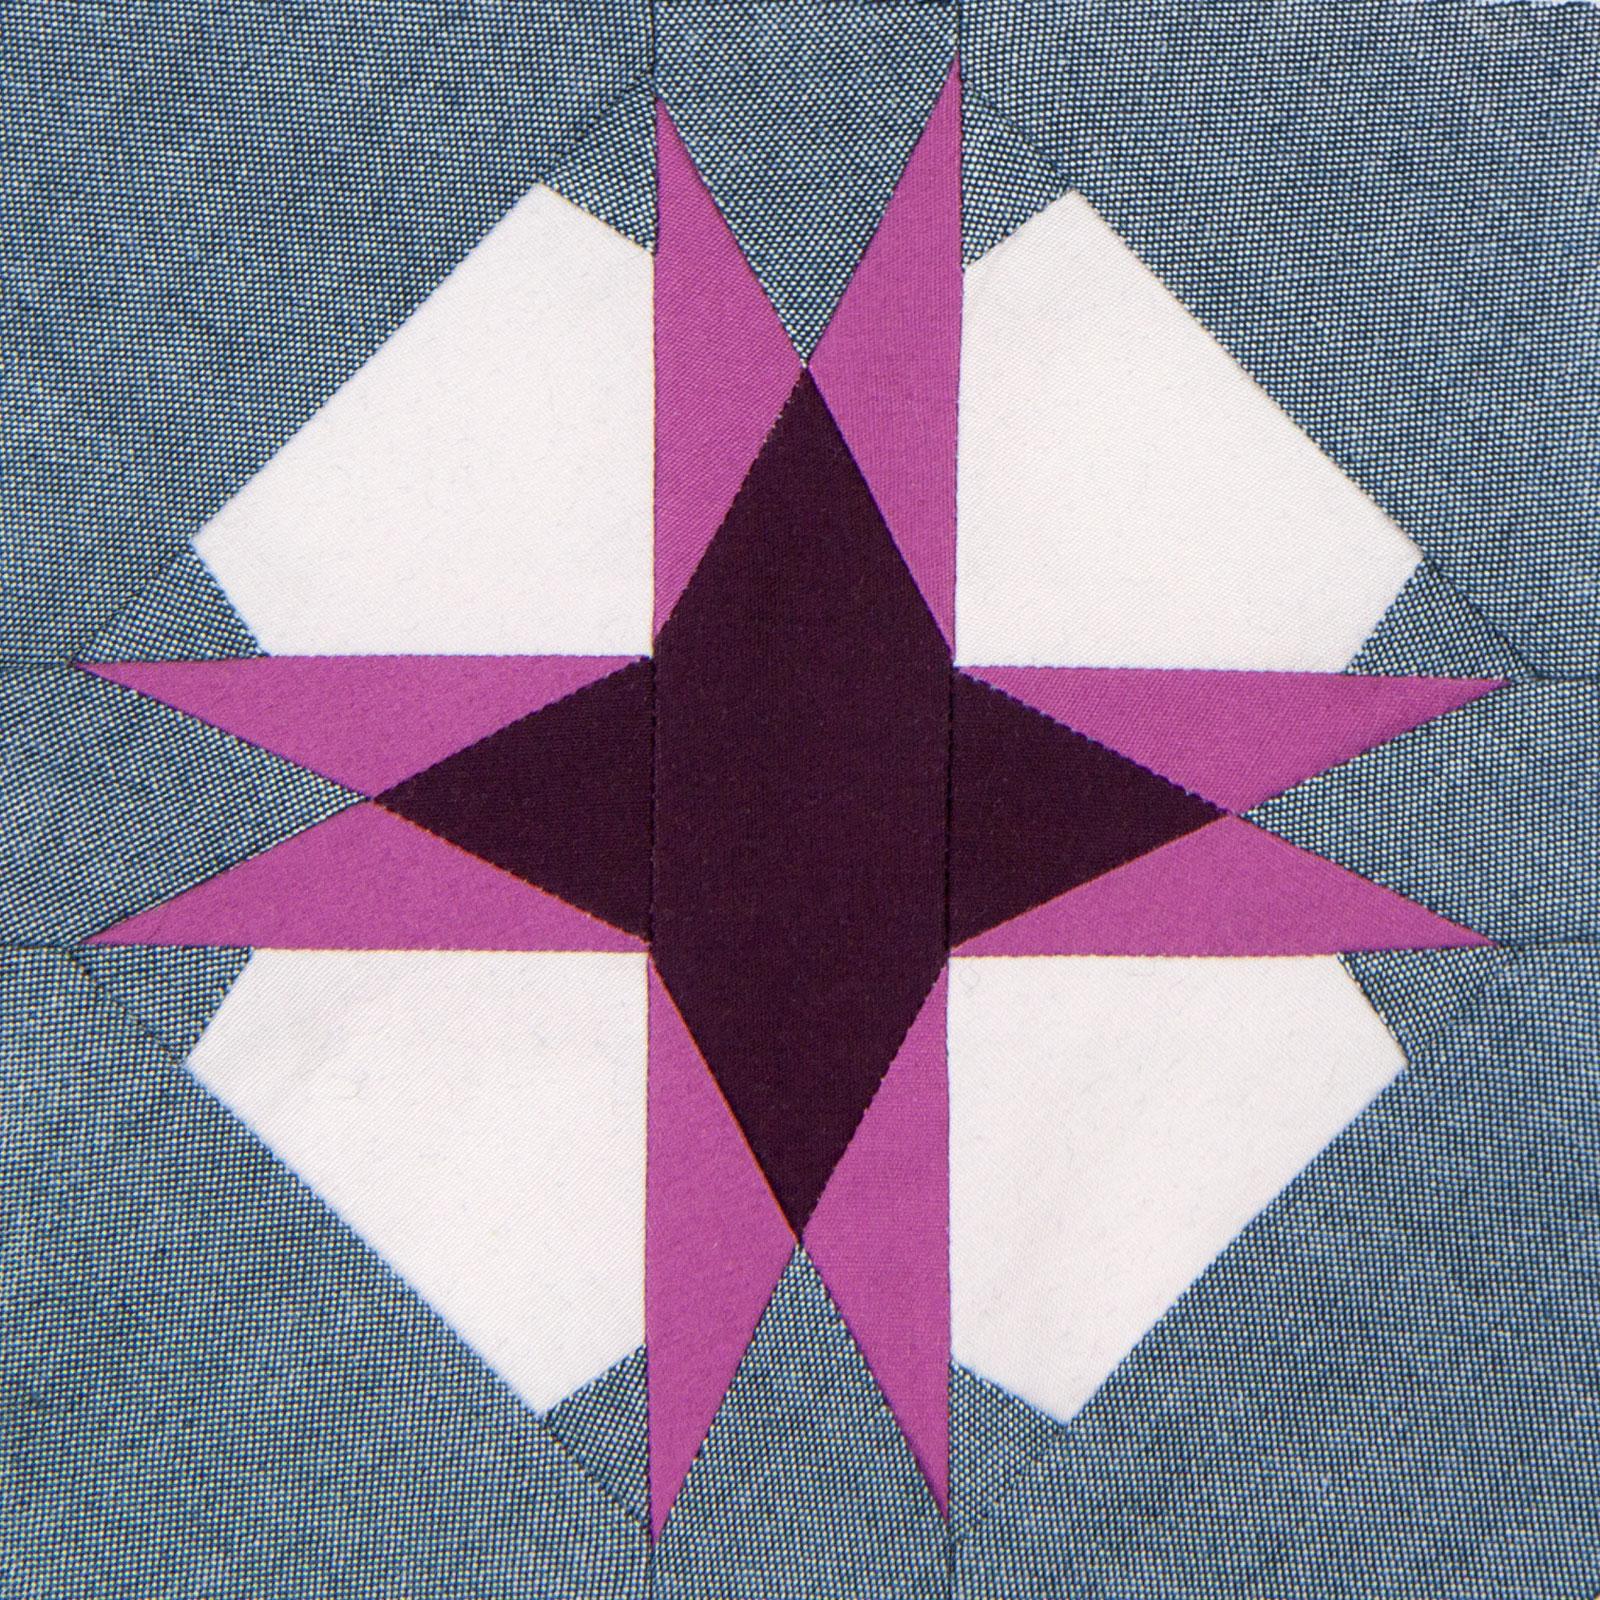 Lodestars quilt block #45: Asma